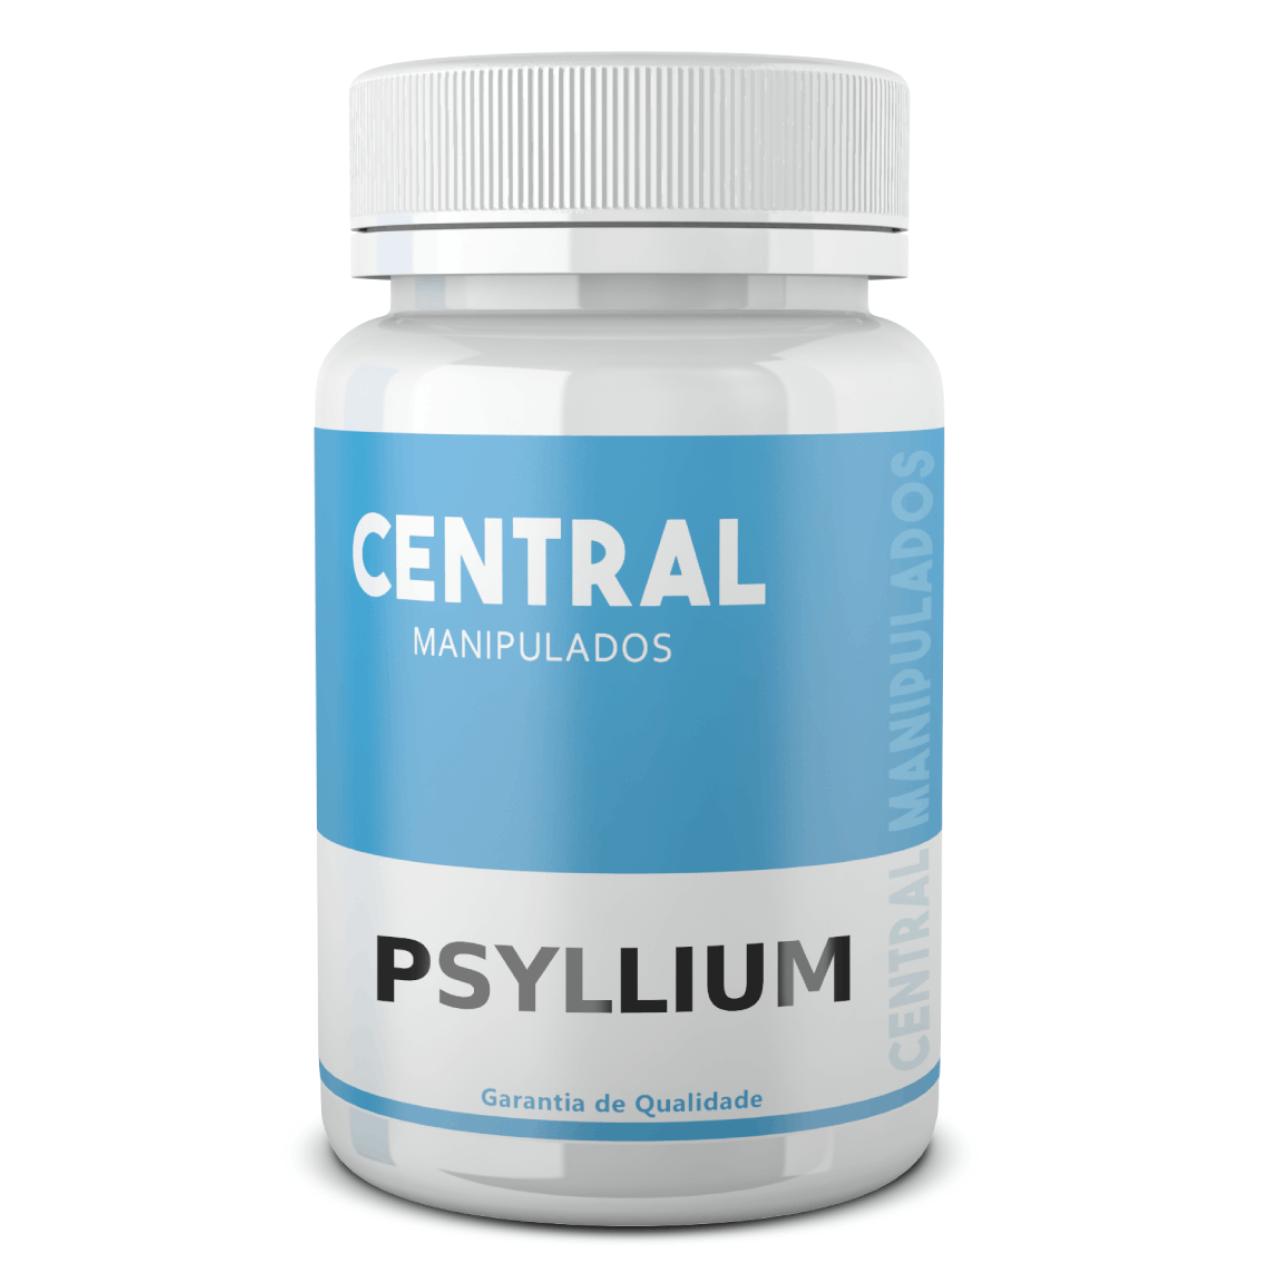 Psyllium 500mg - 120 cápsulas - Para constipação crônica, hemorroidas, colites e diverticulites, saúde intestinal